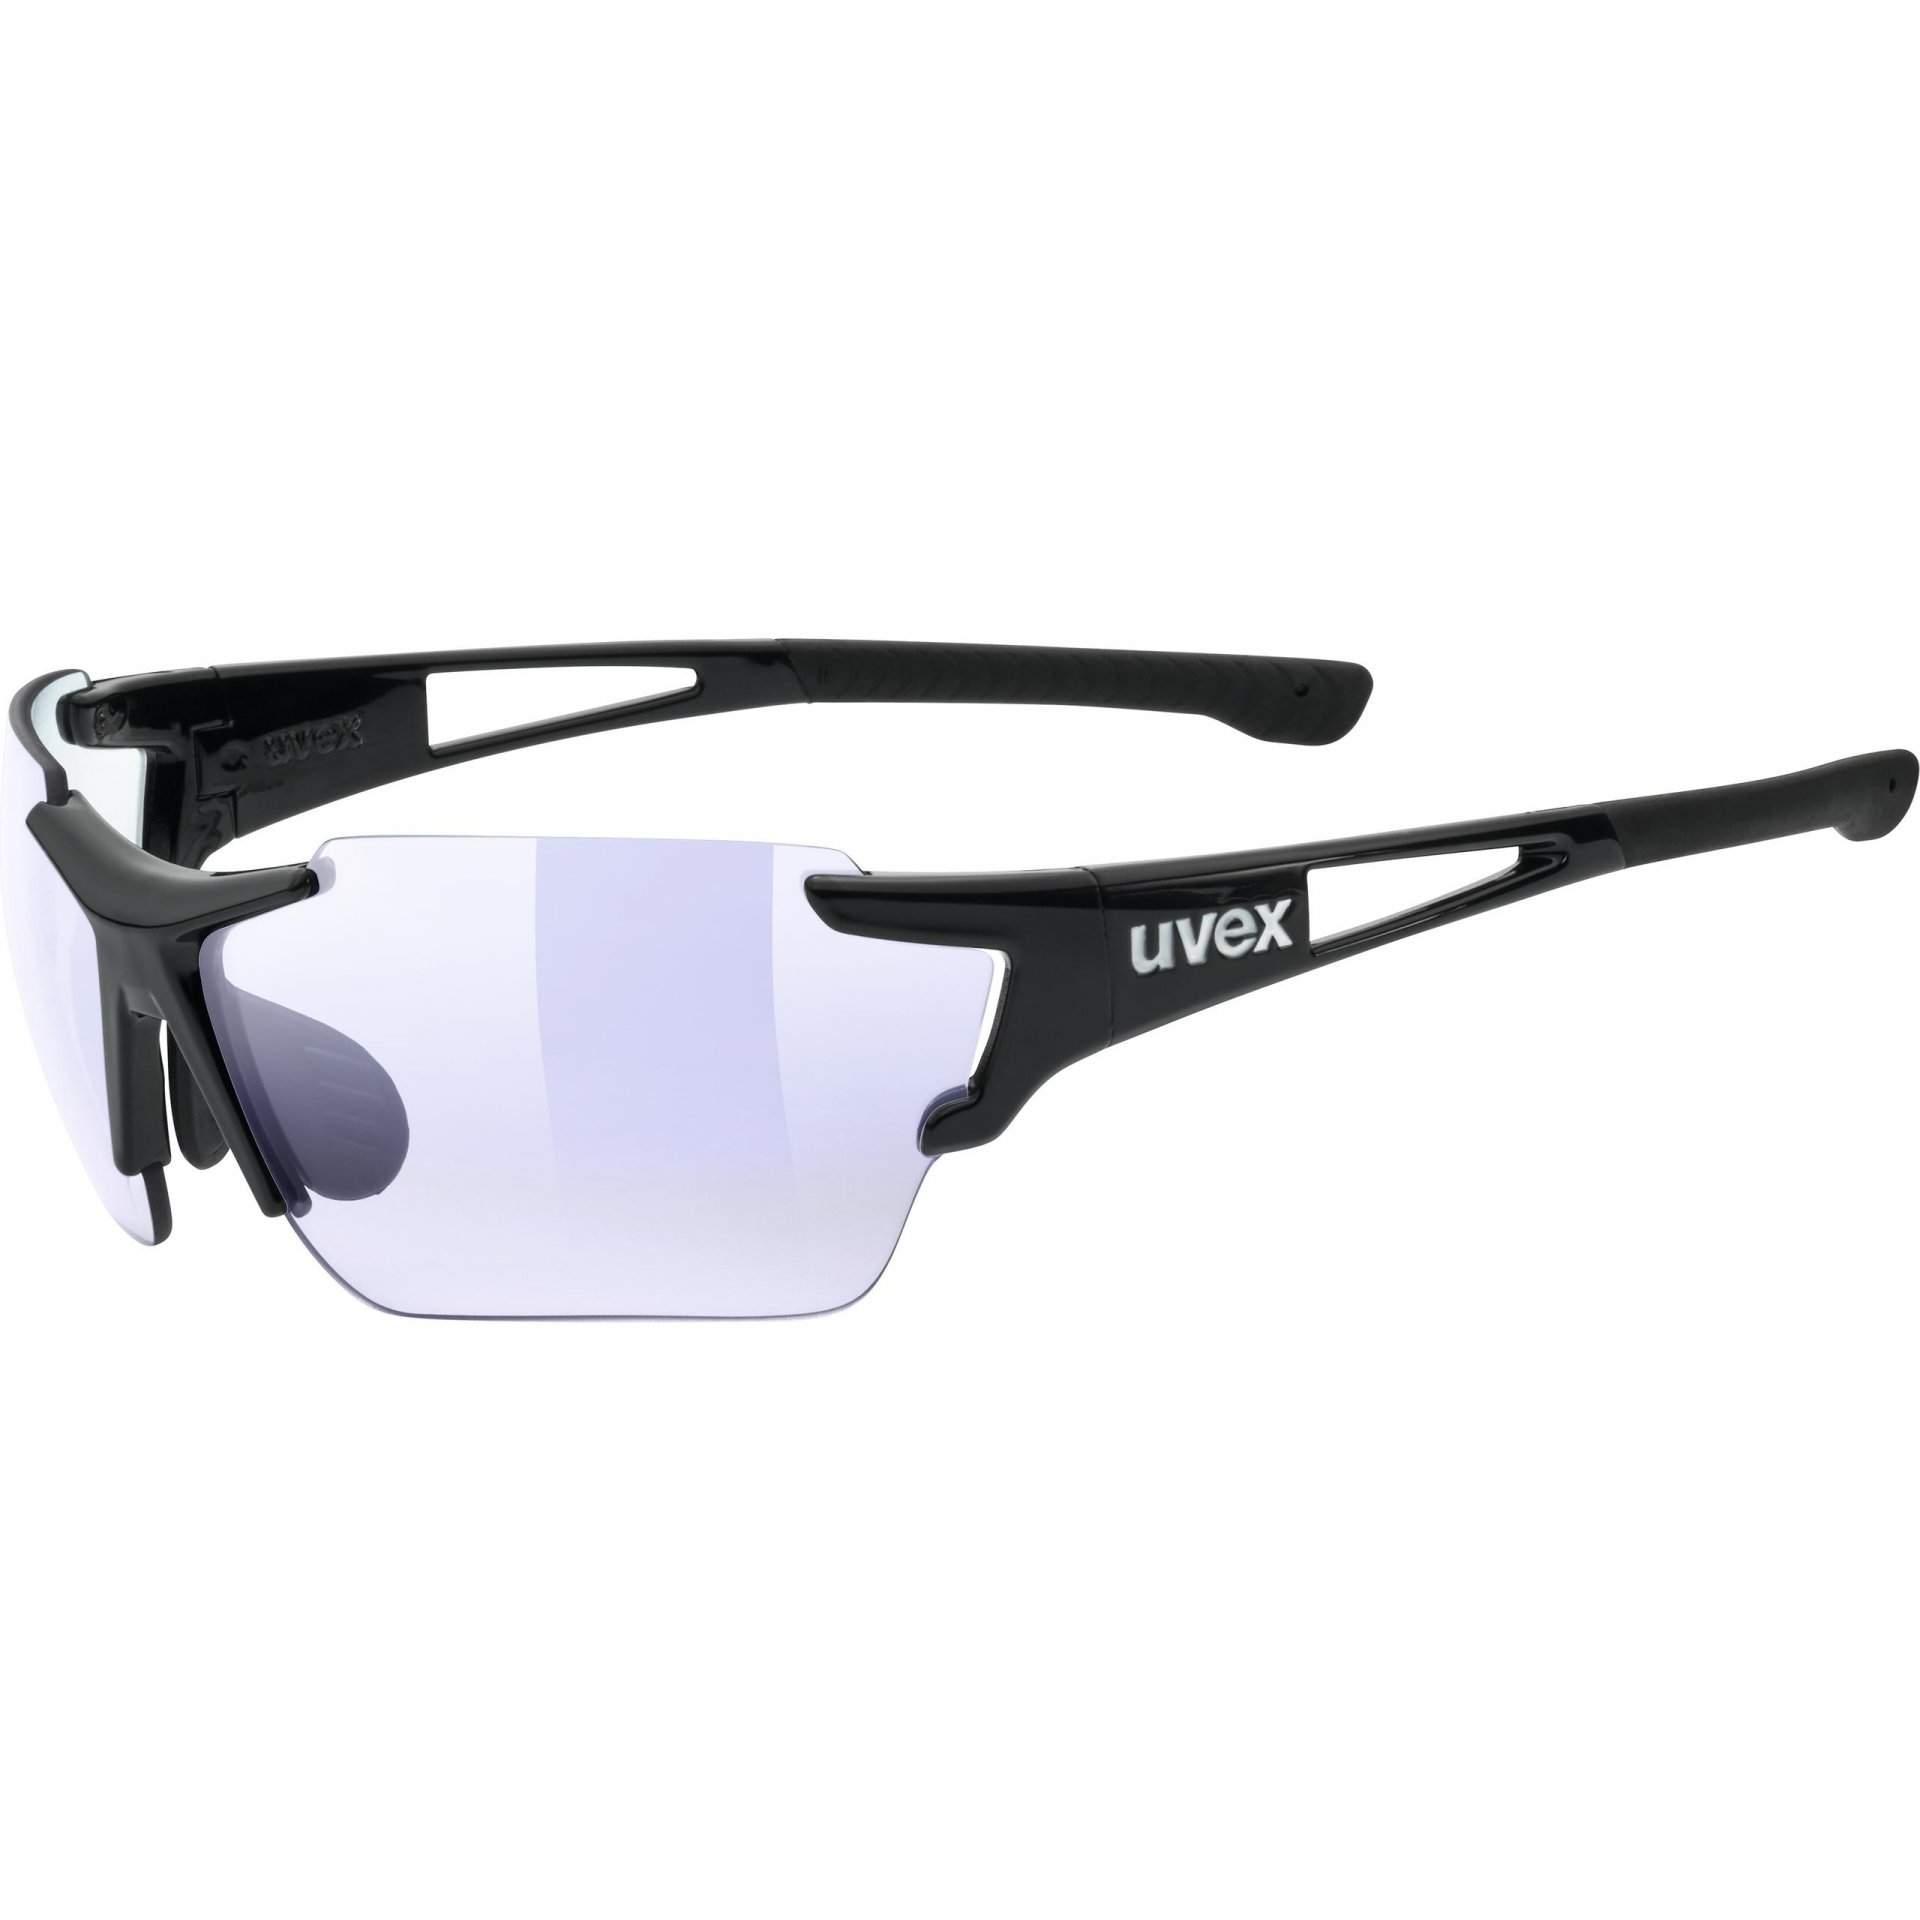 OKULARY UVEX SPORTSTYLE 803 RACE V 53 0 971 2203 BLACK